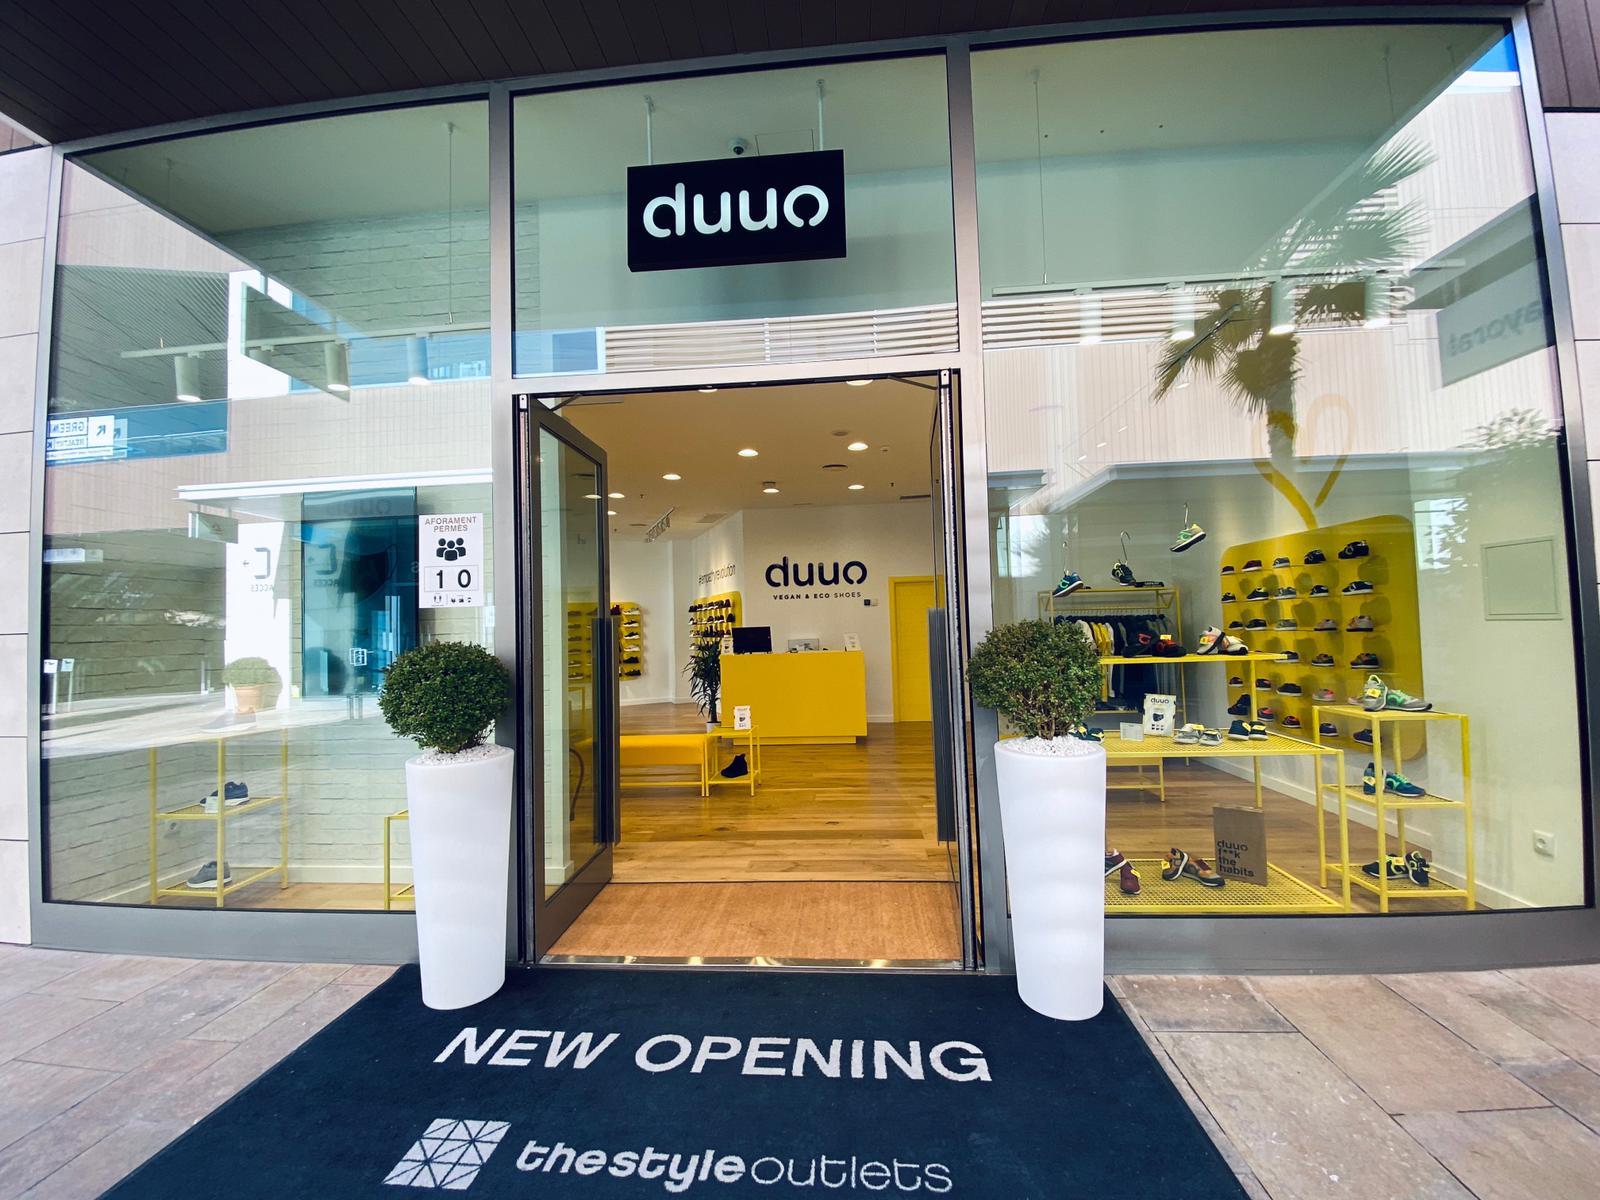 Duuo, la marca de sneakers de Munich, abre su primera tienda offline